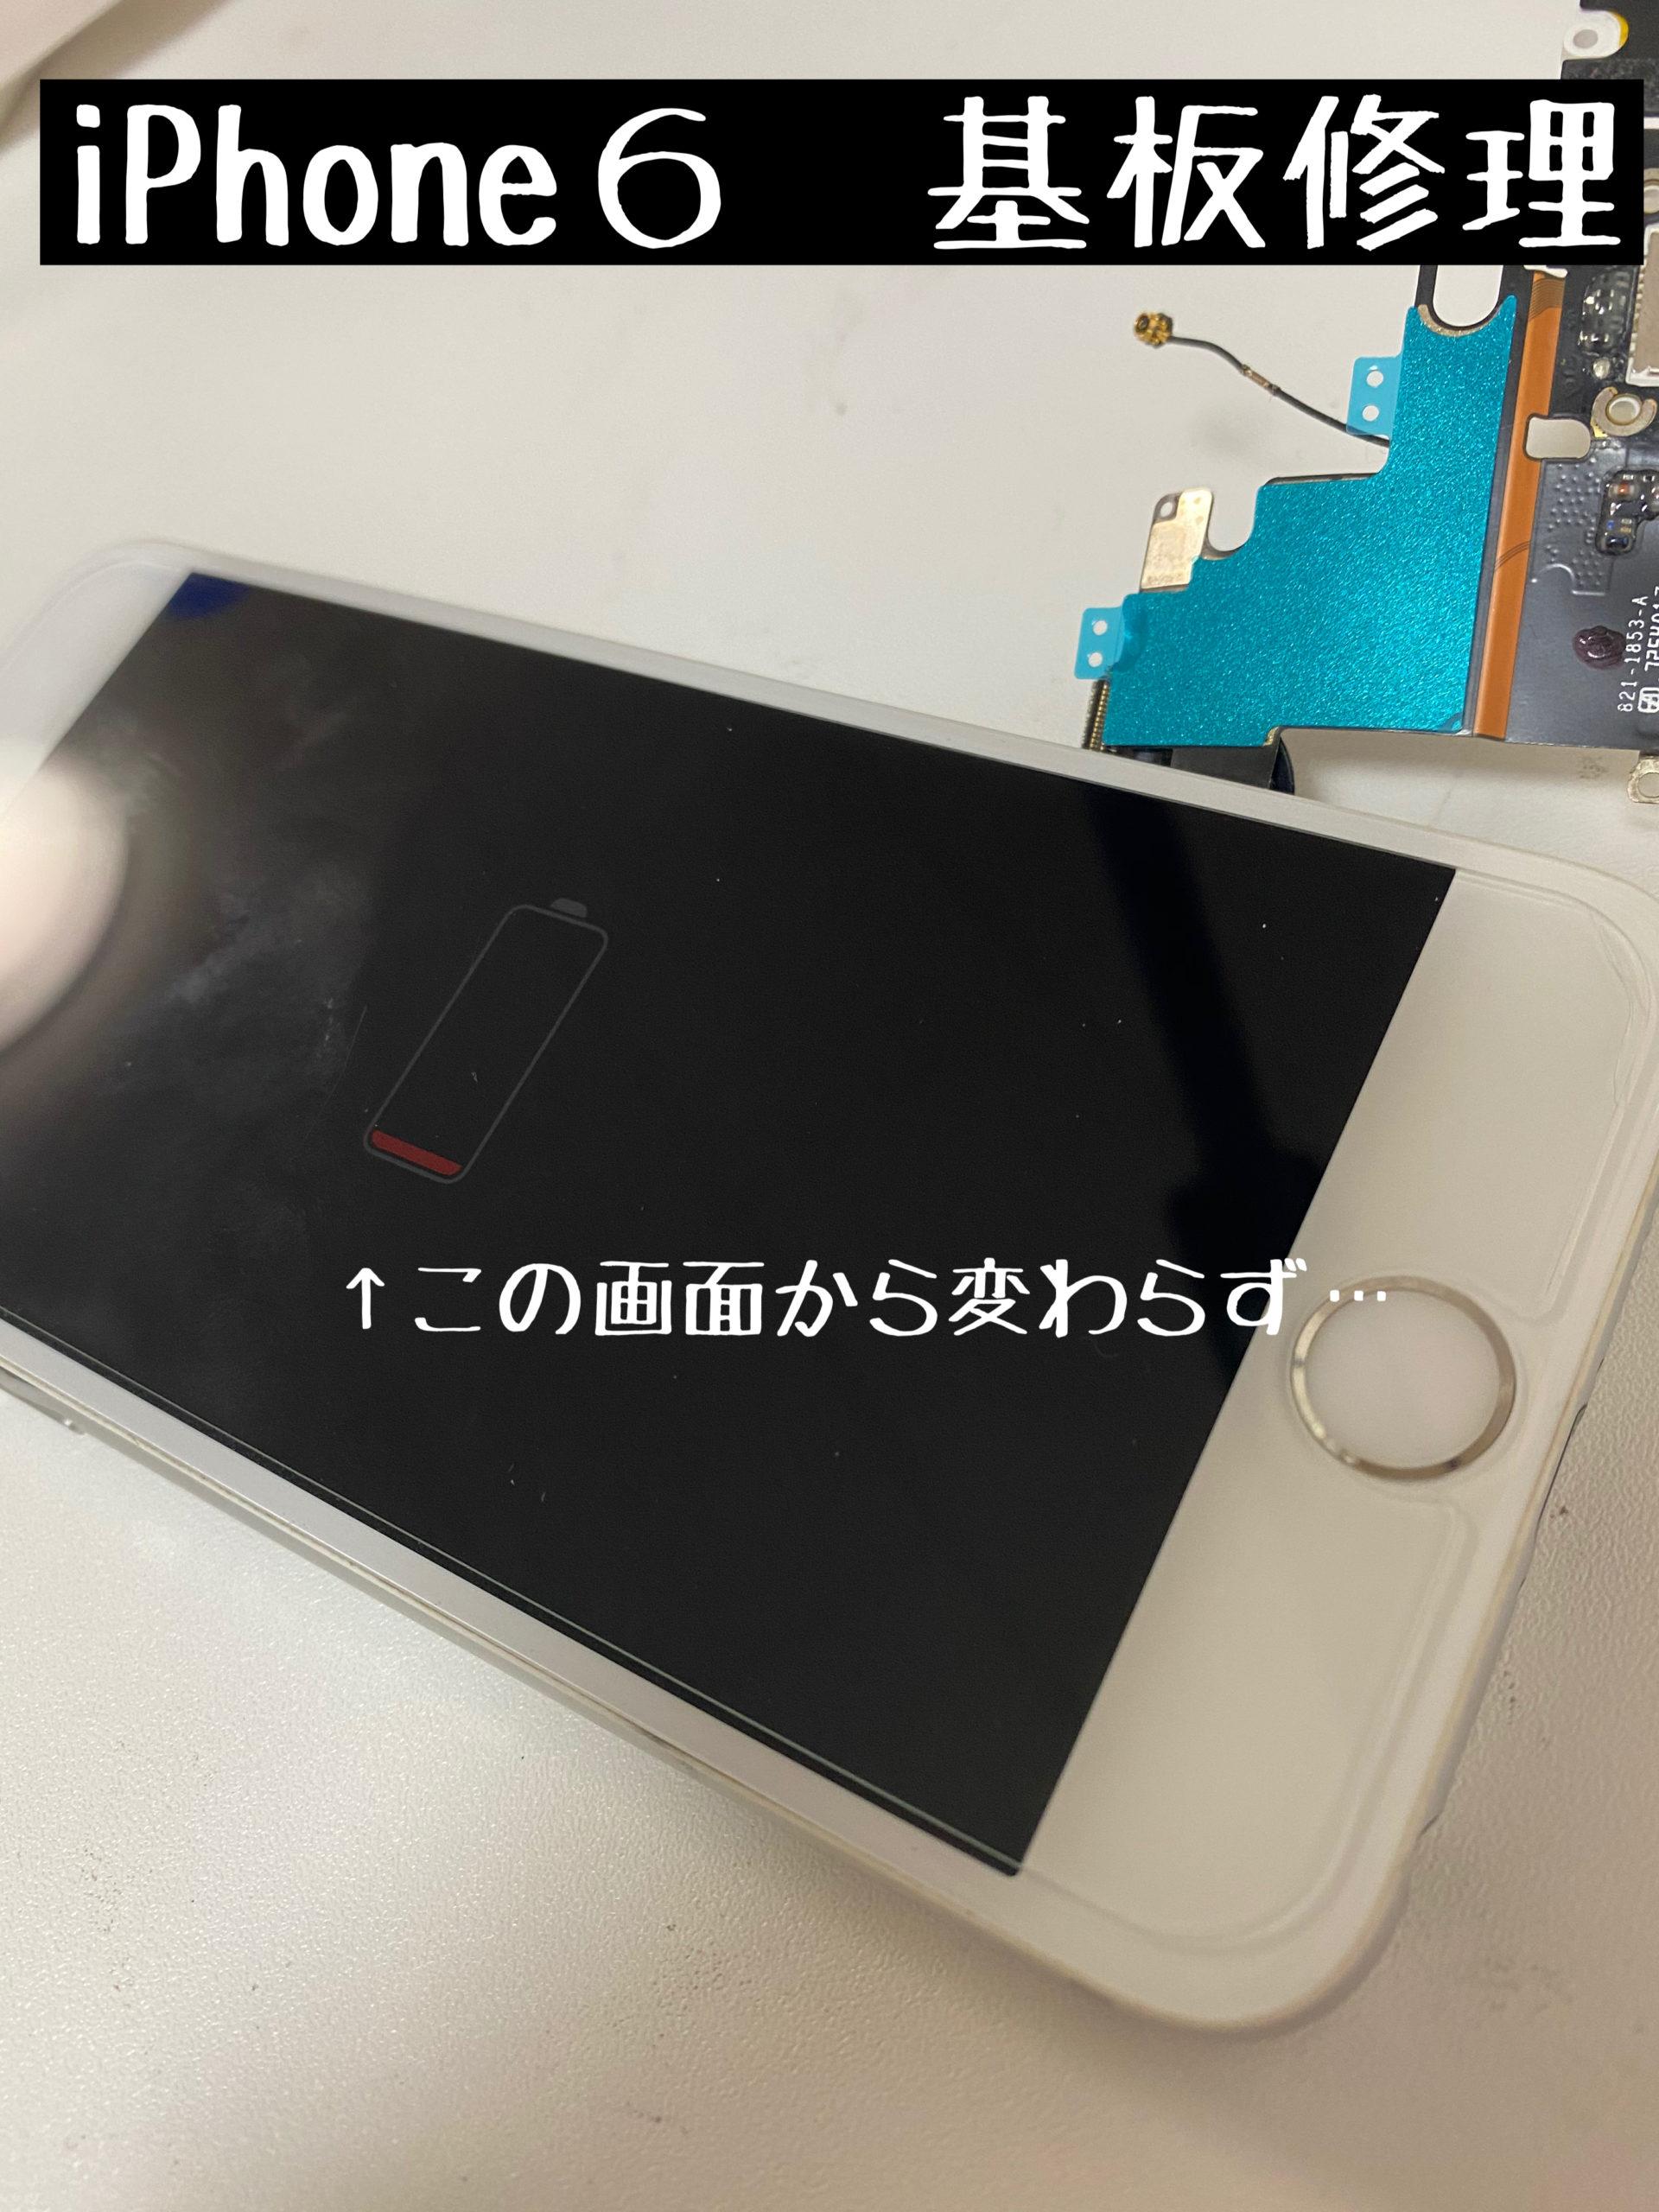 基板修理 基板の故障 江南駅前 犬山市 岐阜市 名古屋市 iPhone修理 バッテリー交換 アイフォン12